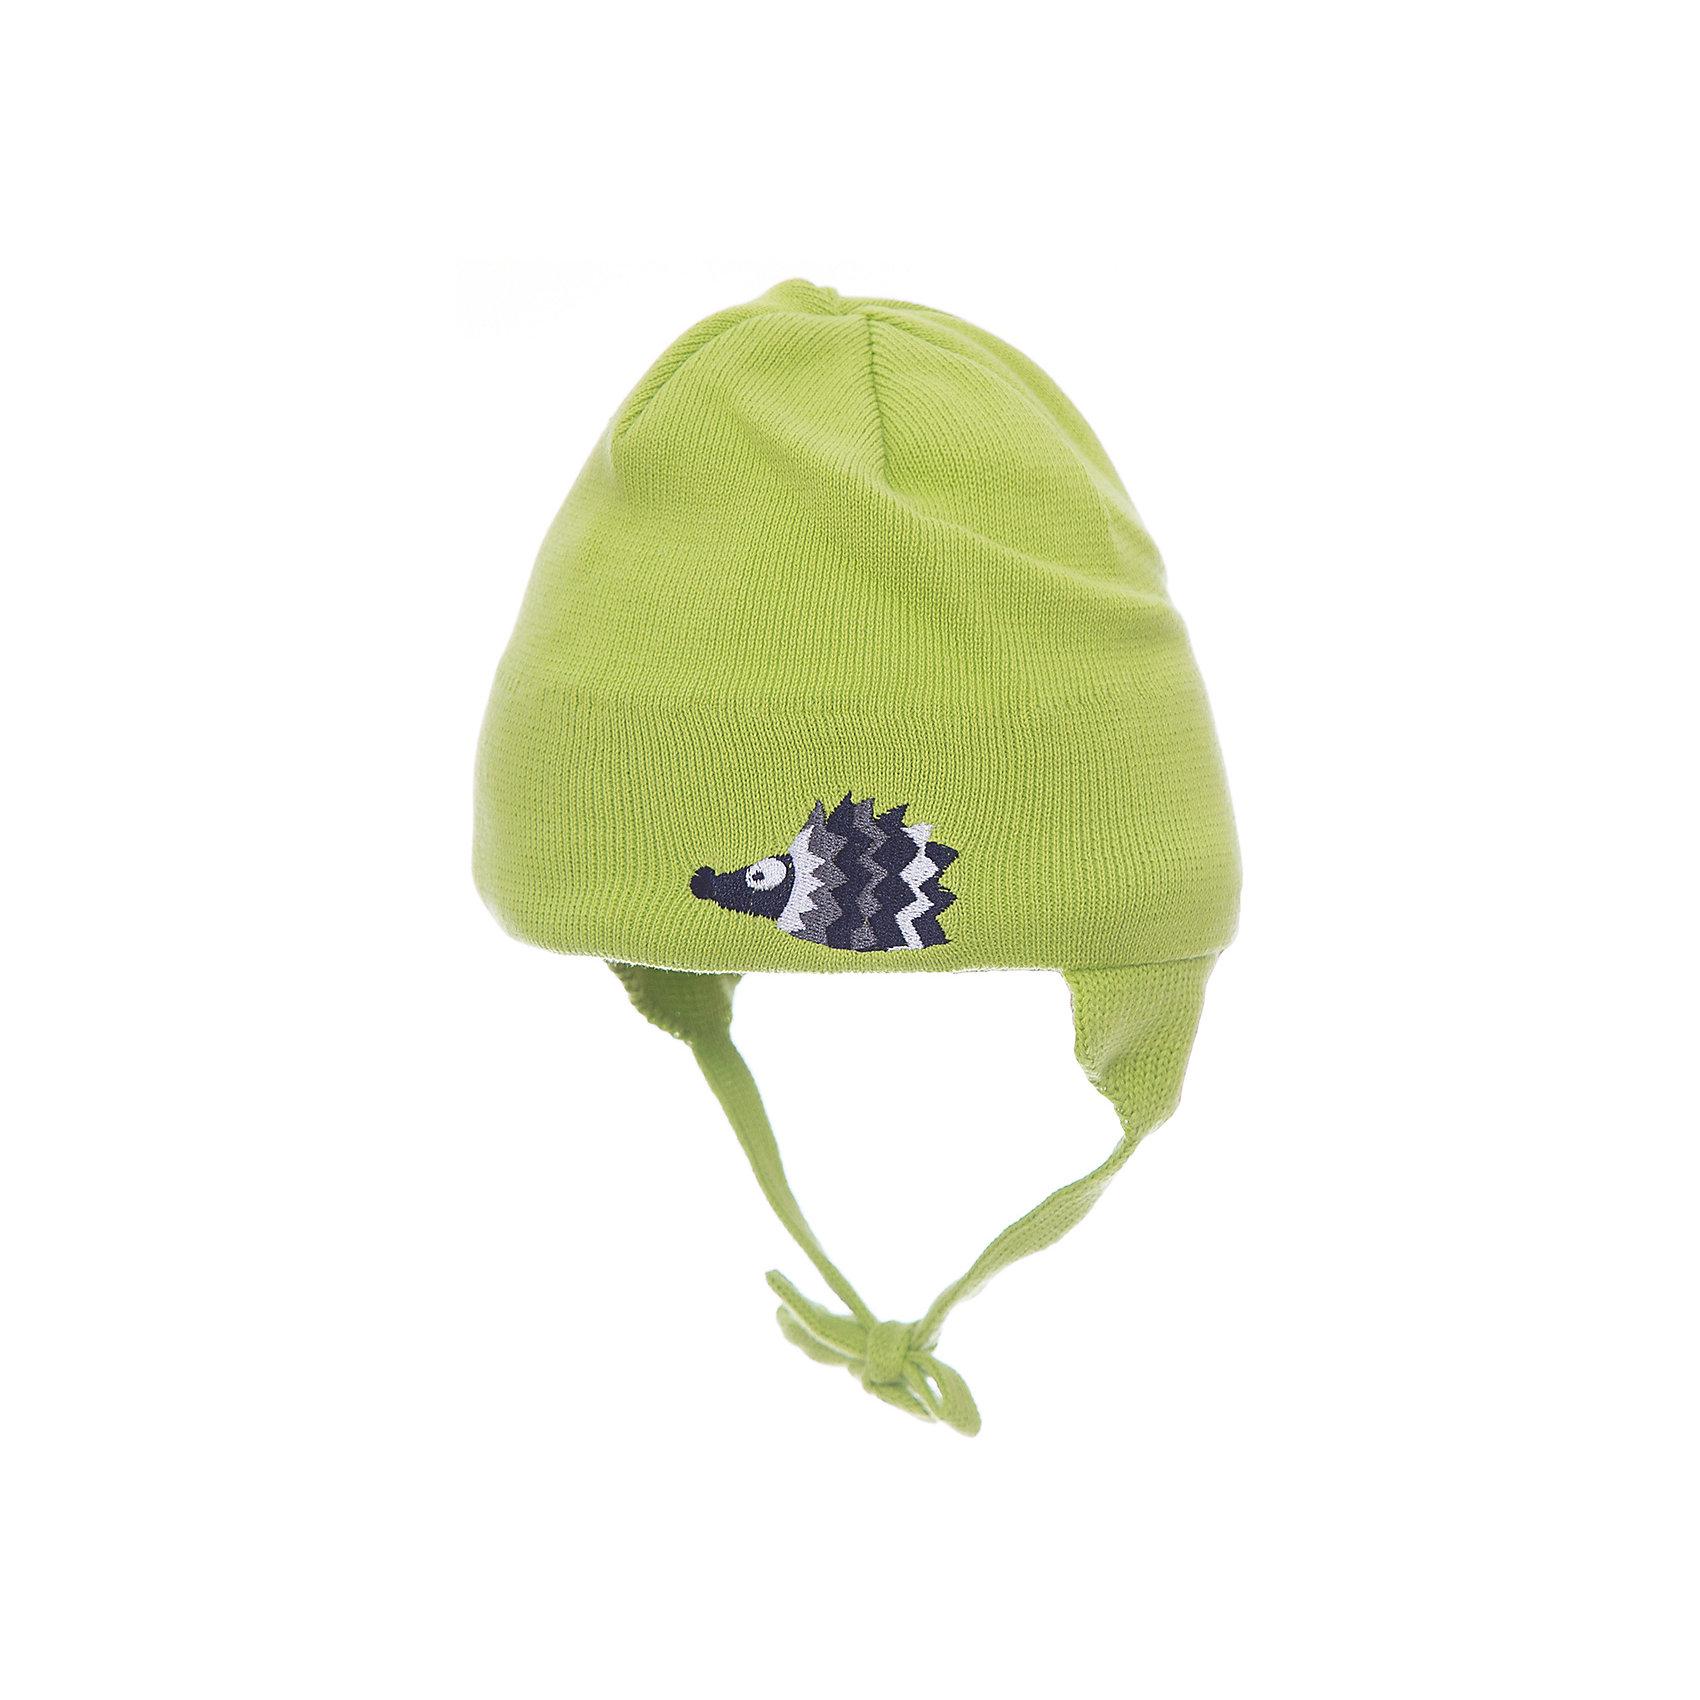 Шапка для мальчика HuppaХлопчатобумажная демисезонная шапка на завязках.<br><br>Дополнительная информация:<br><br>Демисезонная модель<br>Состав:100% хлопок<br><br>Шапку для мальчика Huppa можно купить в нашем магазине.<br><br>Ширина мм: 89<br>Глубина мм: 117<br>Высота мм: 44<br>Вес г: 155<br>Цвет: желтый<br>Возраст от месяцев: 12<br>Возраст до месяцев: 24<br>Пол: Мужской<br>Возраст: Детский<br>Размер: 47-49,43-45,51-53,39-43<br>SKU: 4595810